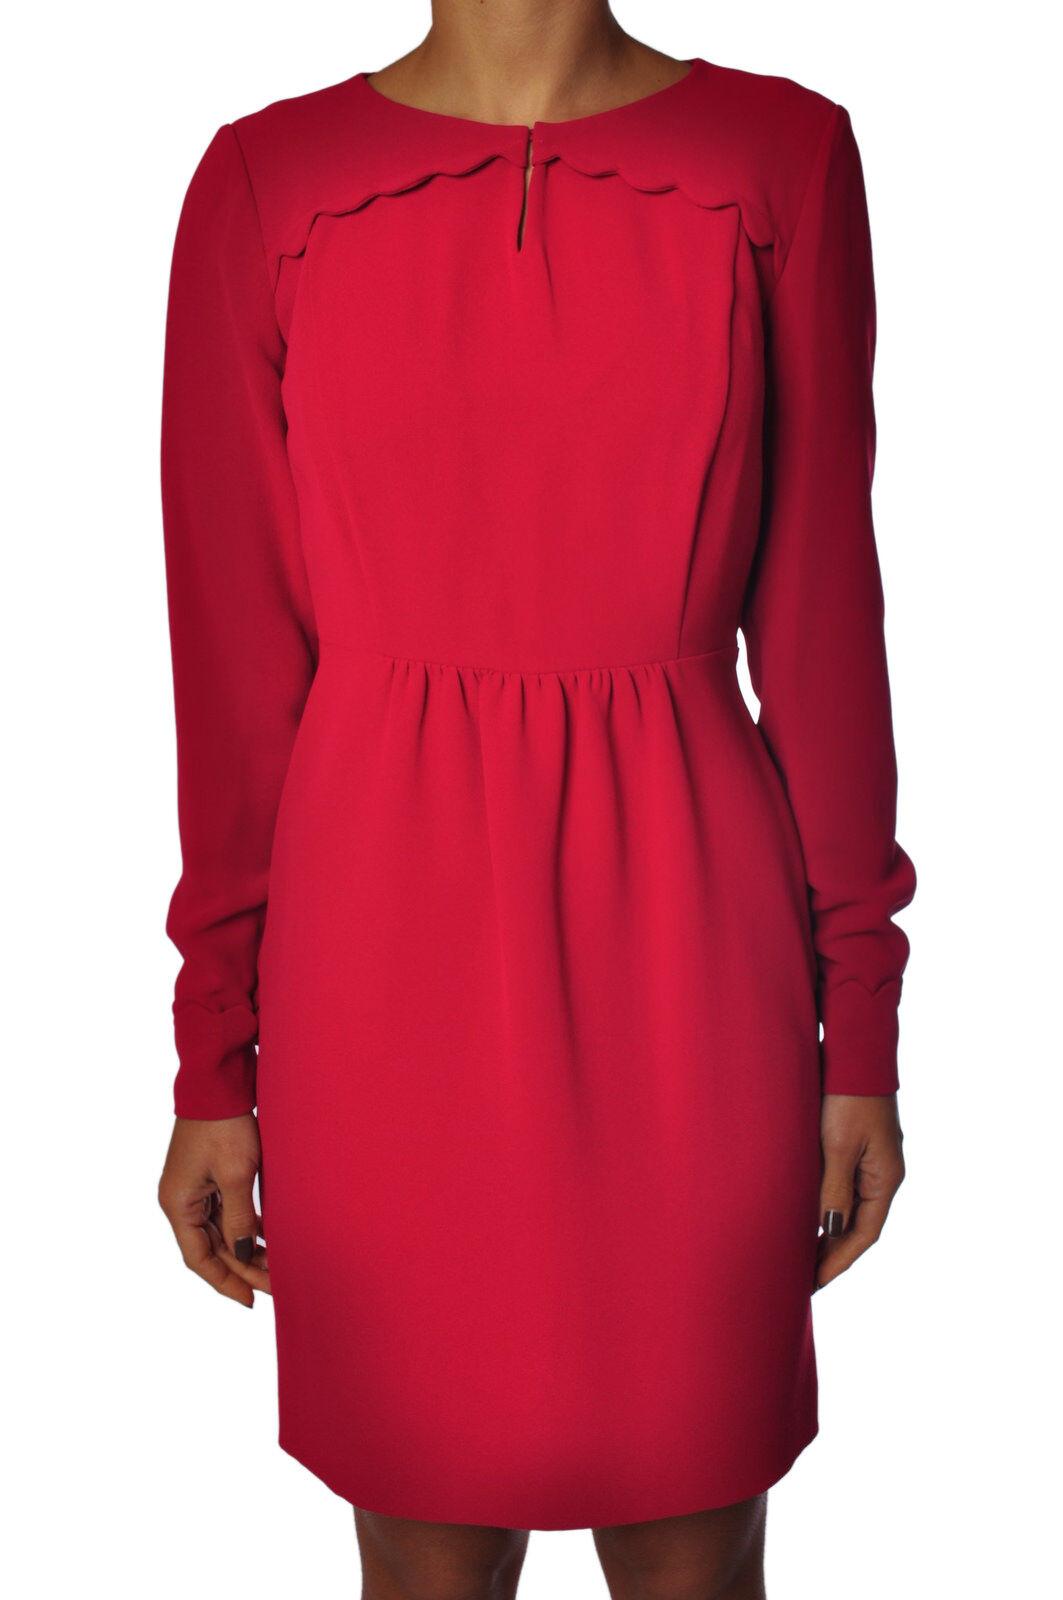 Hoss - Dresses-Dress - woman - 728617C183955